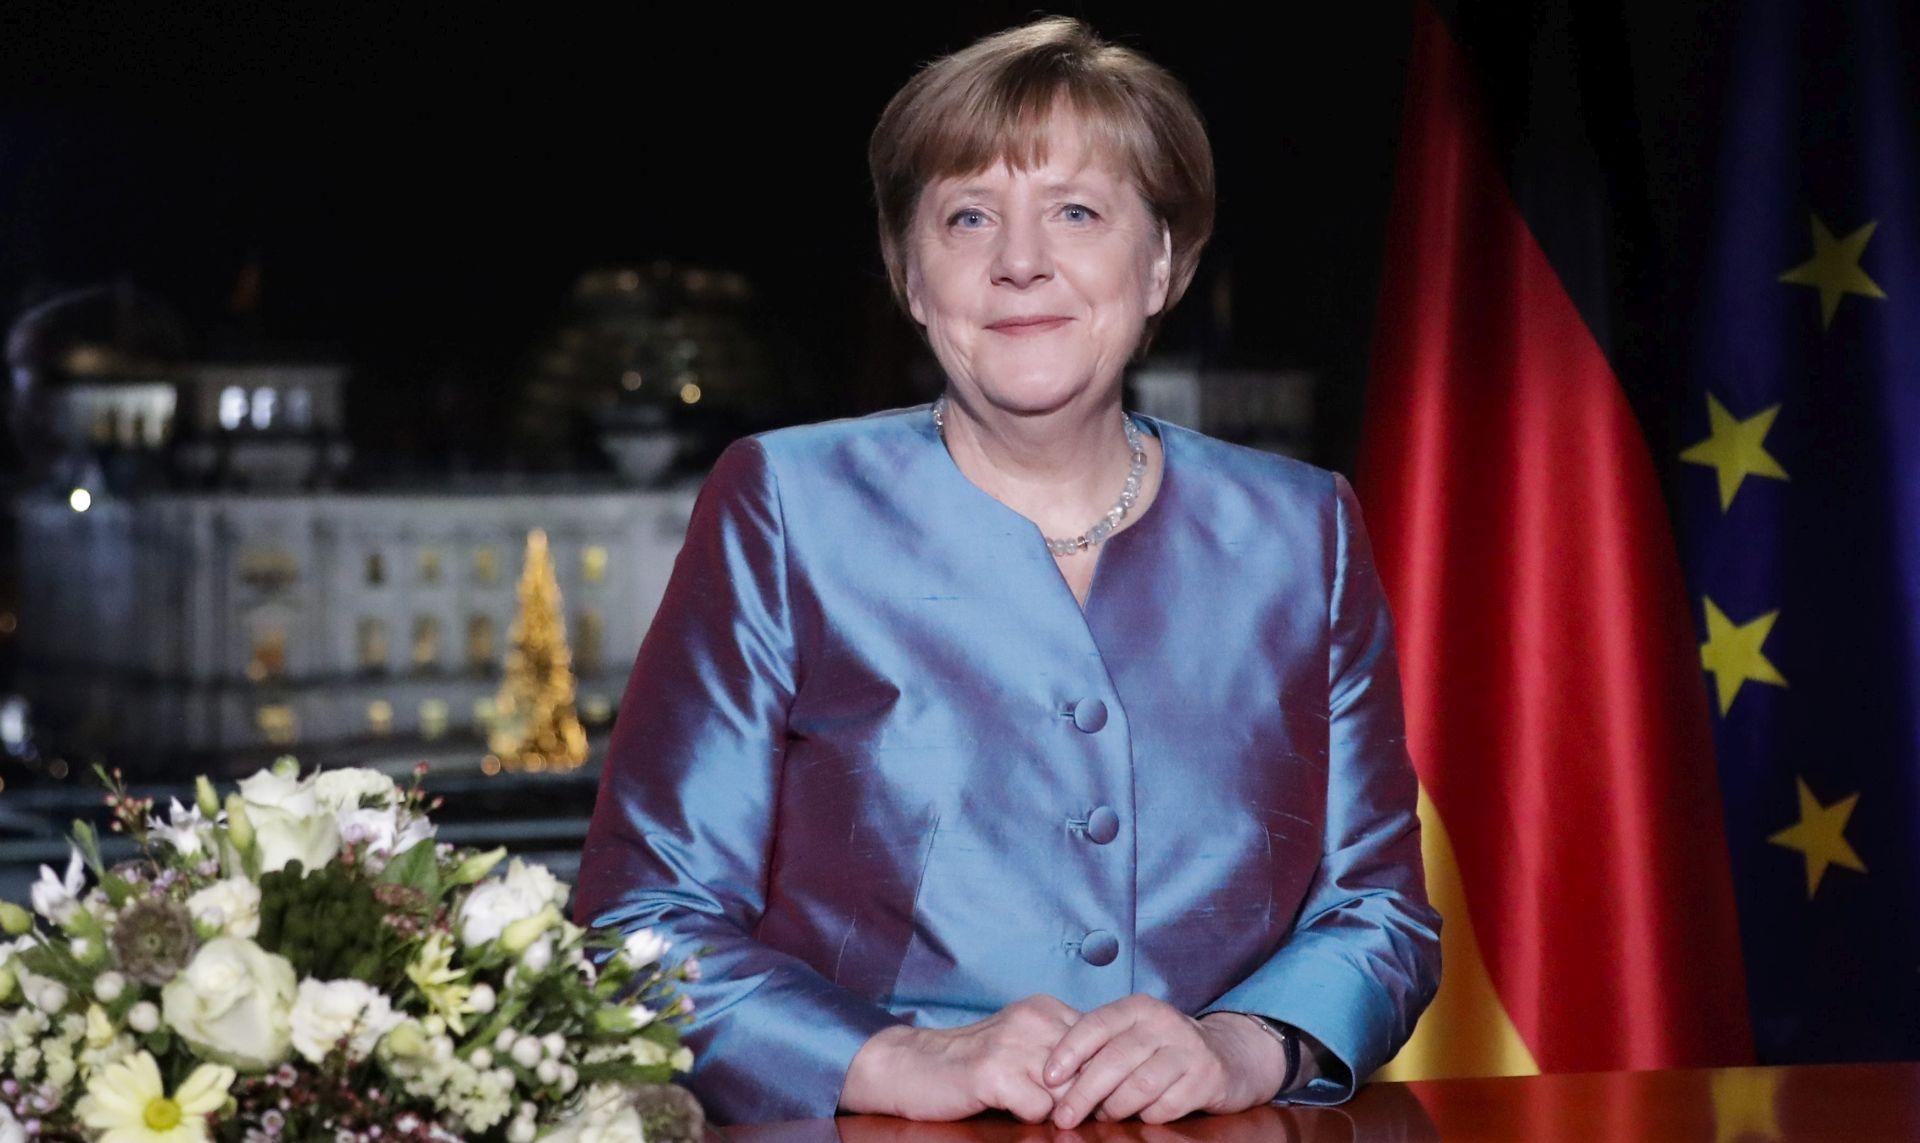 Najveći test za Njemačku je islamski terorizam – kancelarka Merkel